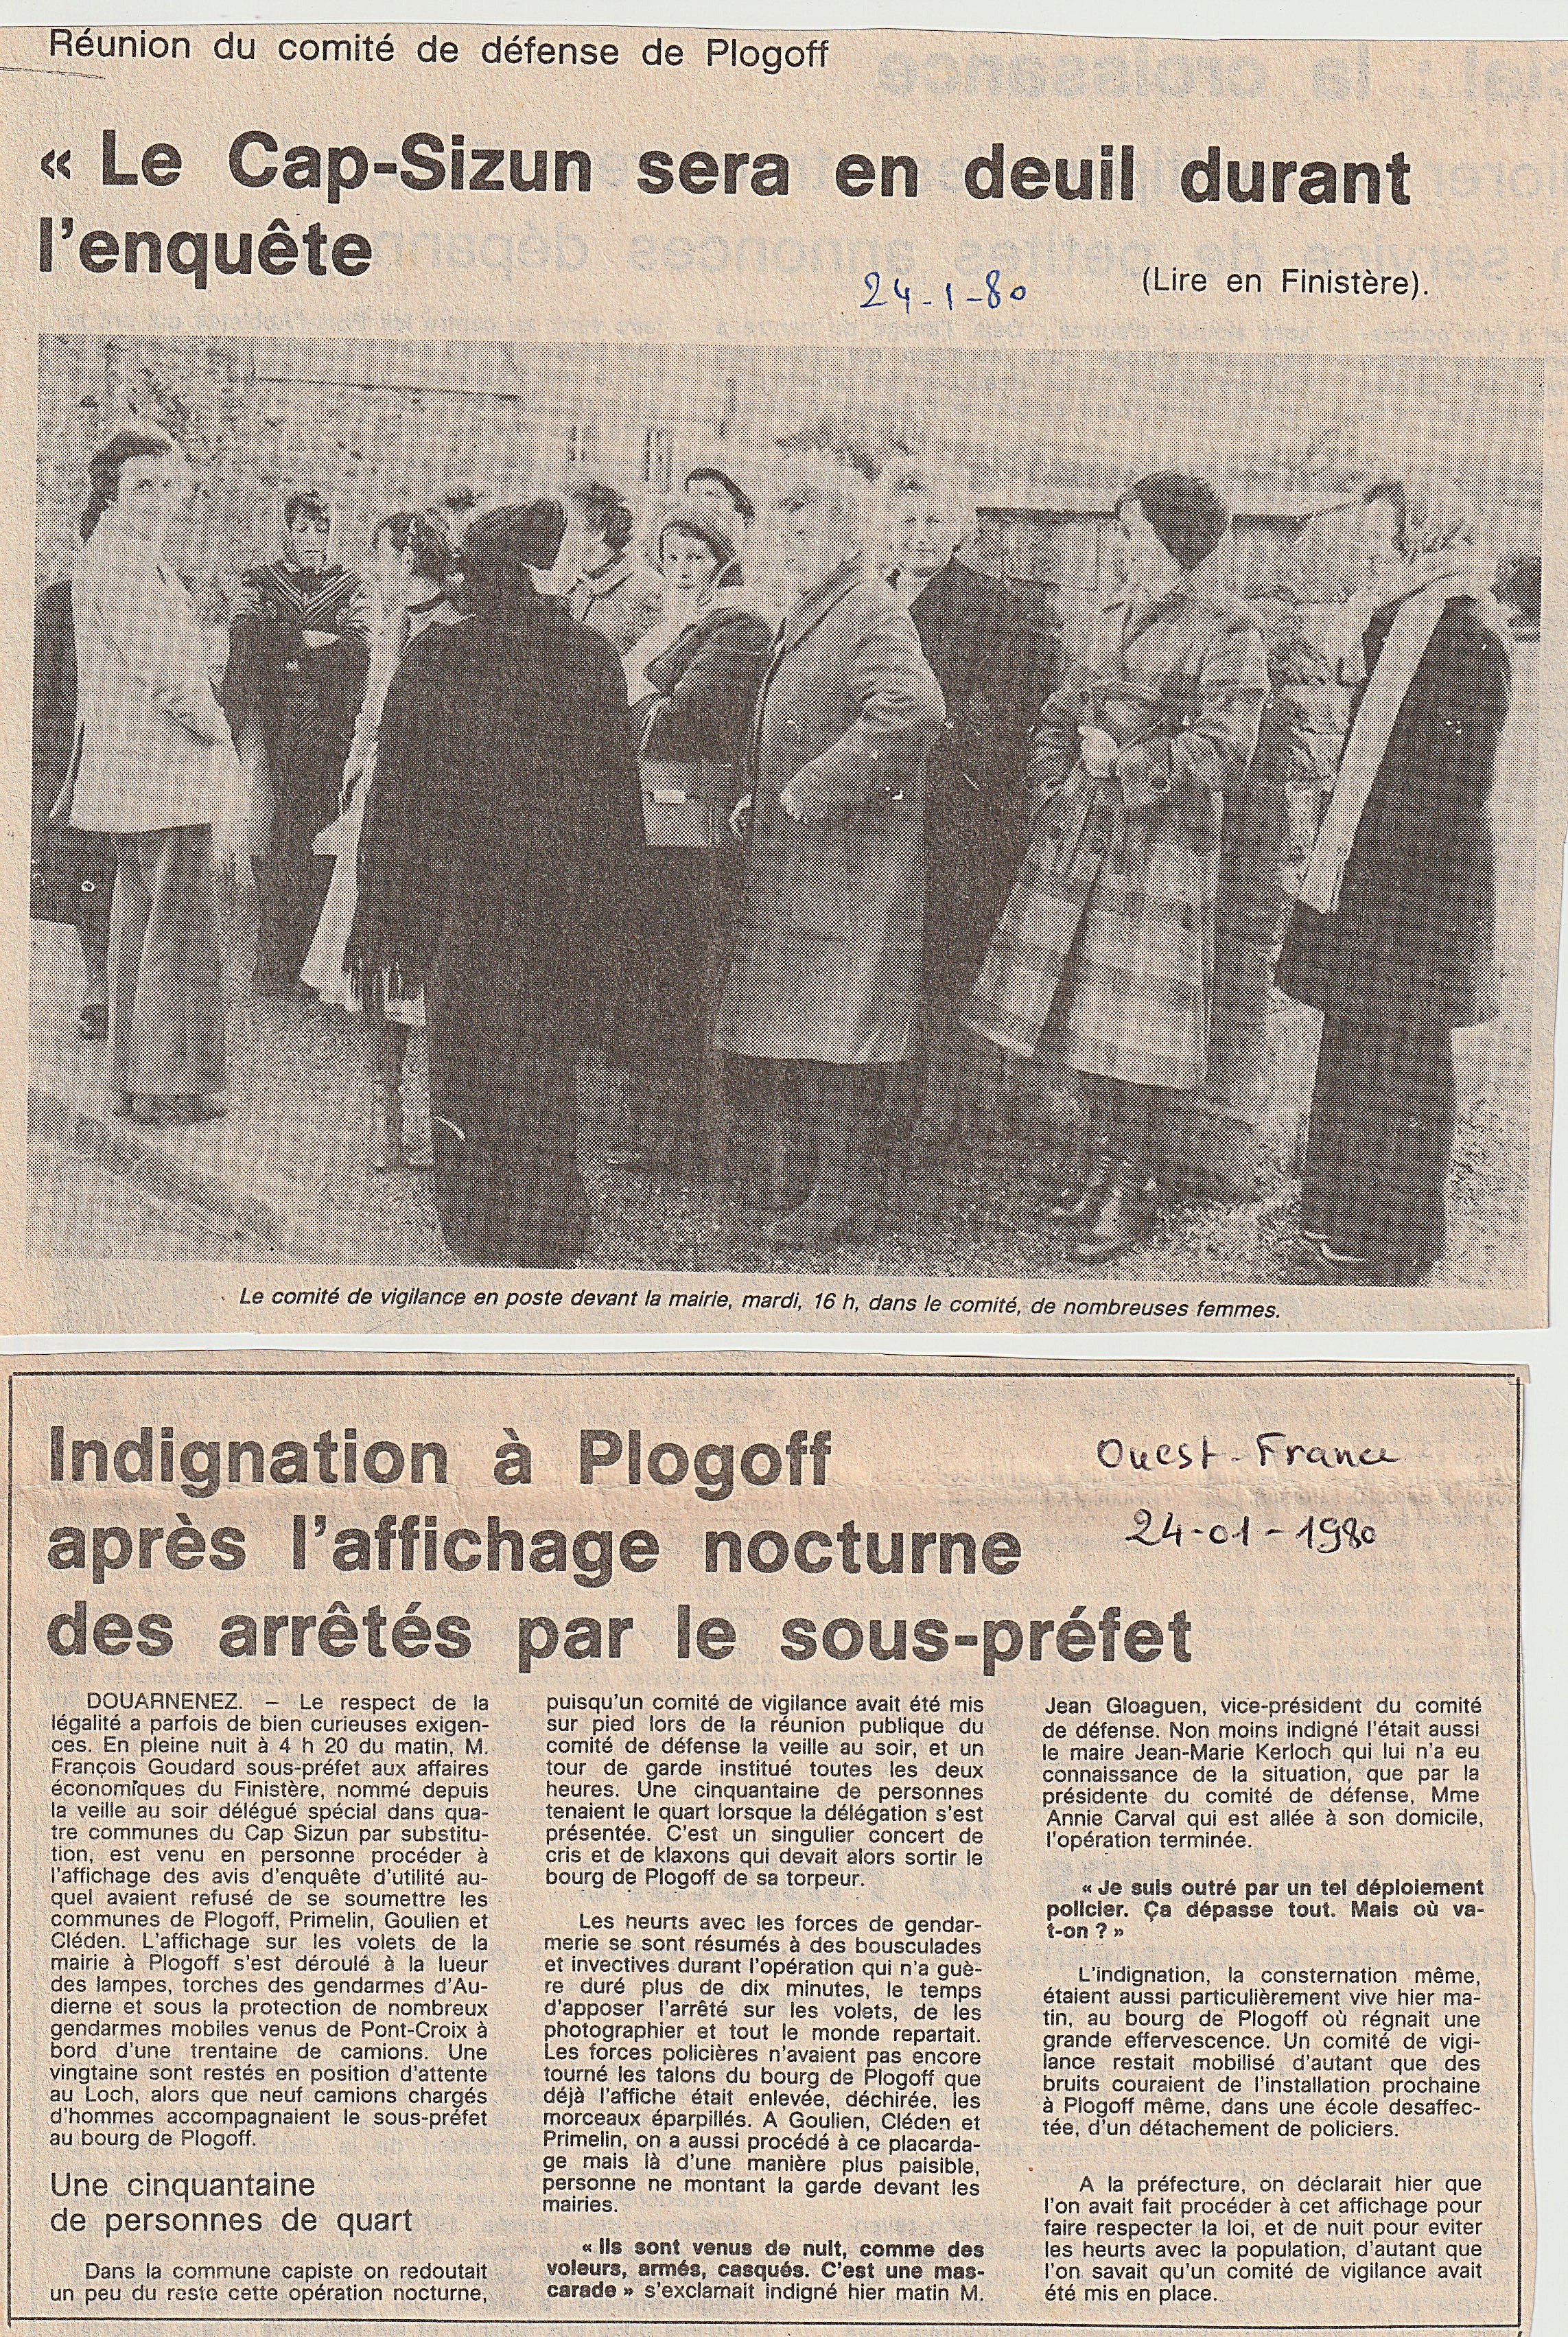 Affichage_nocturne_de_arrêté_24-01-1980.